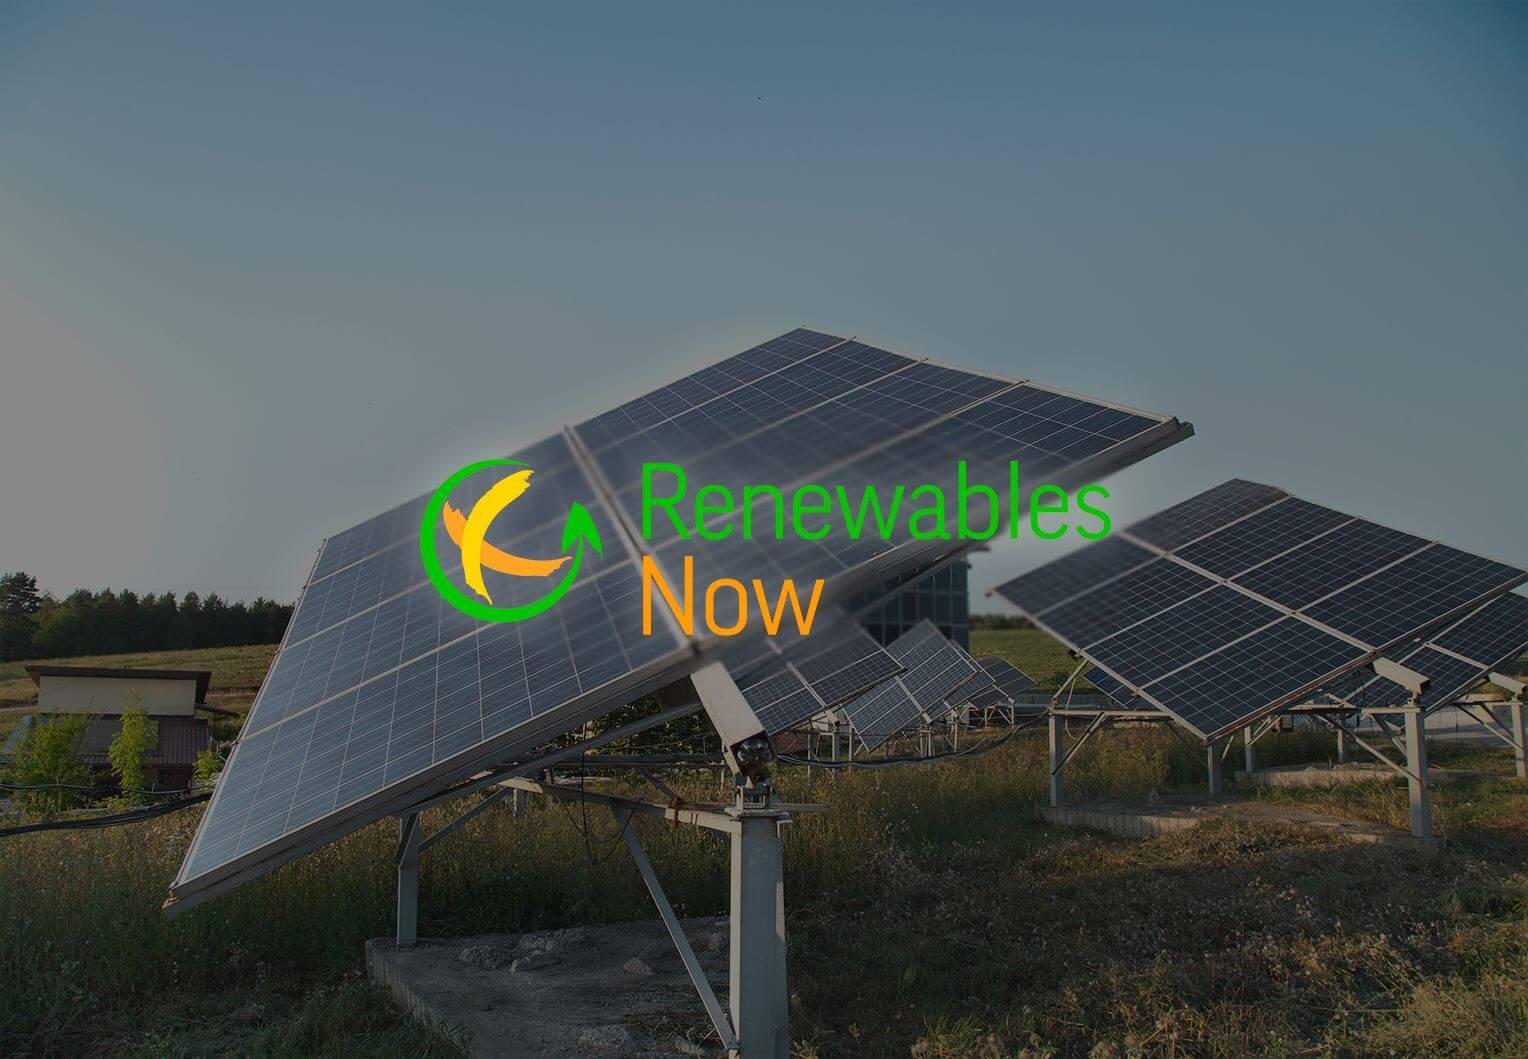 Renewablesnow